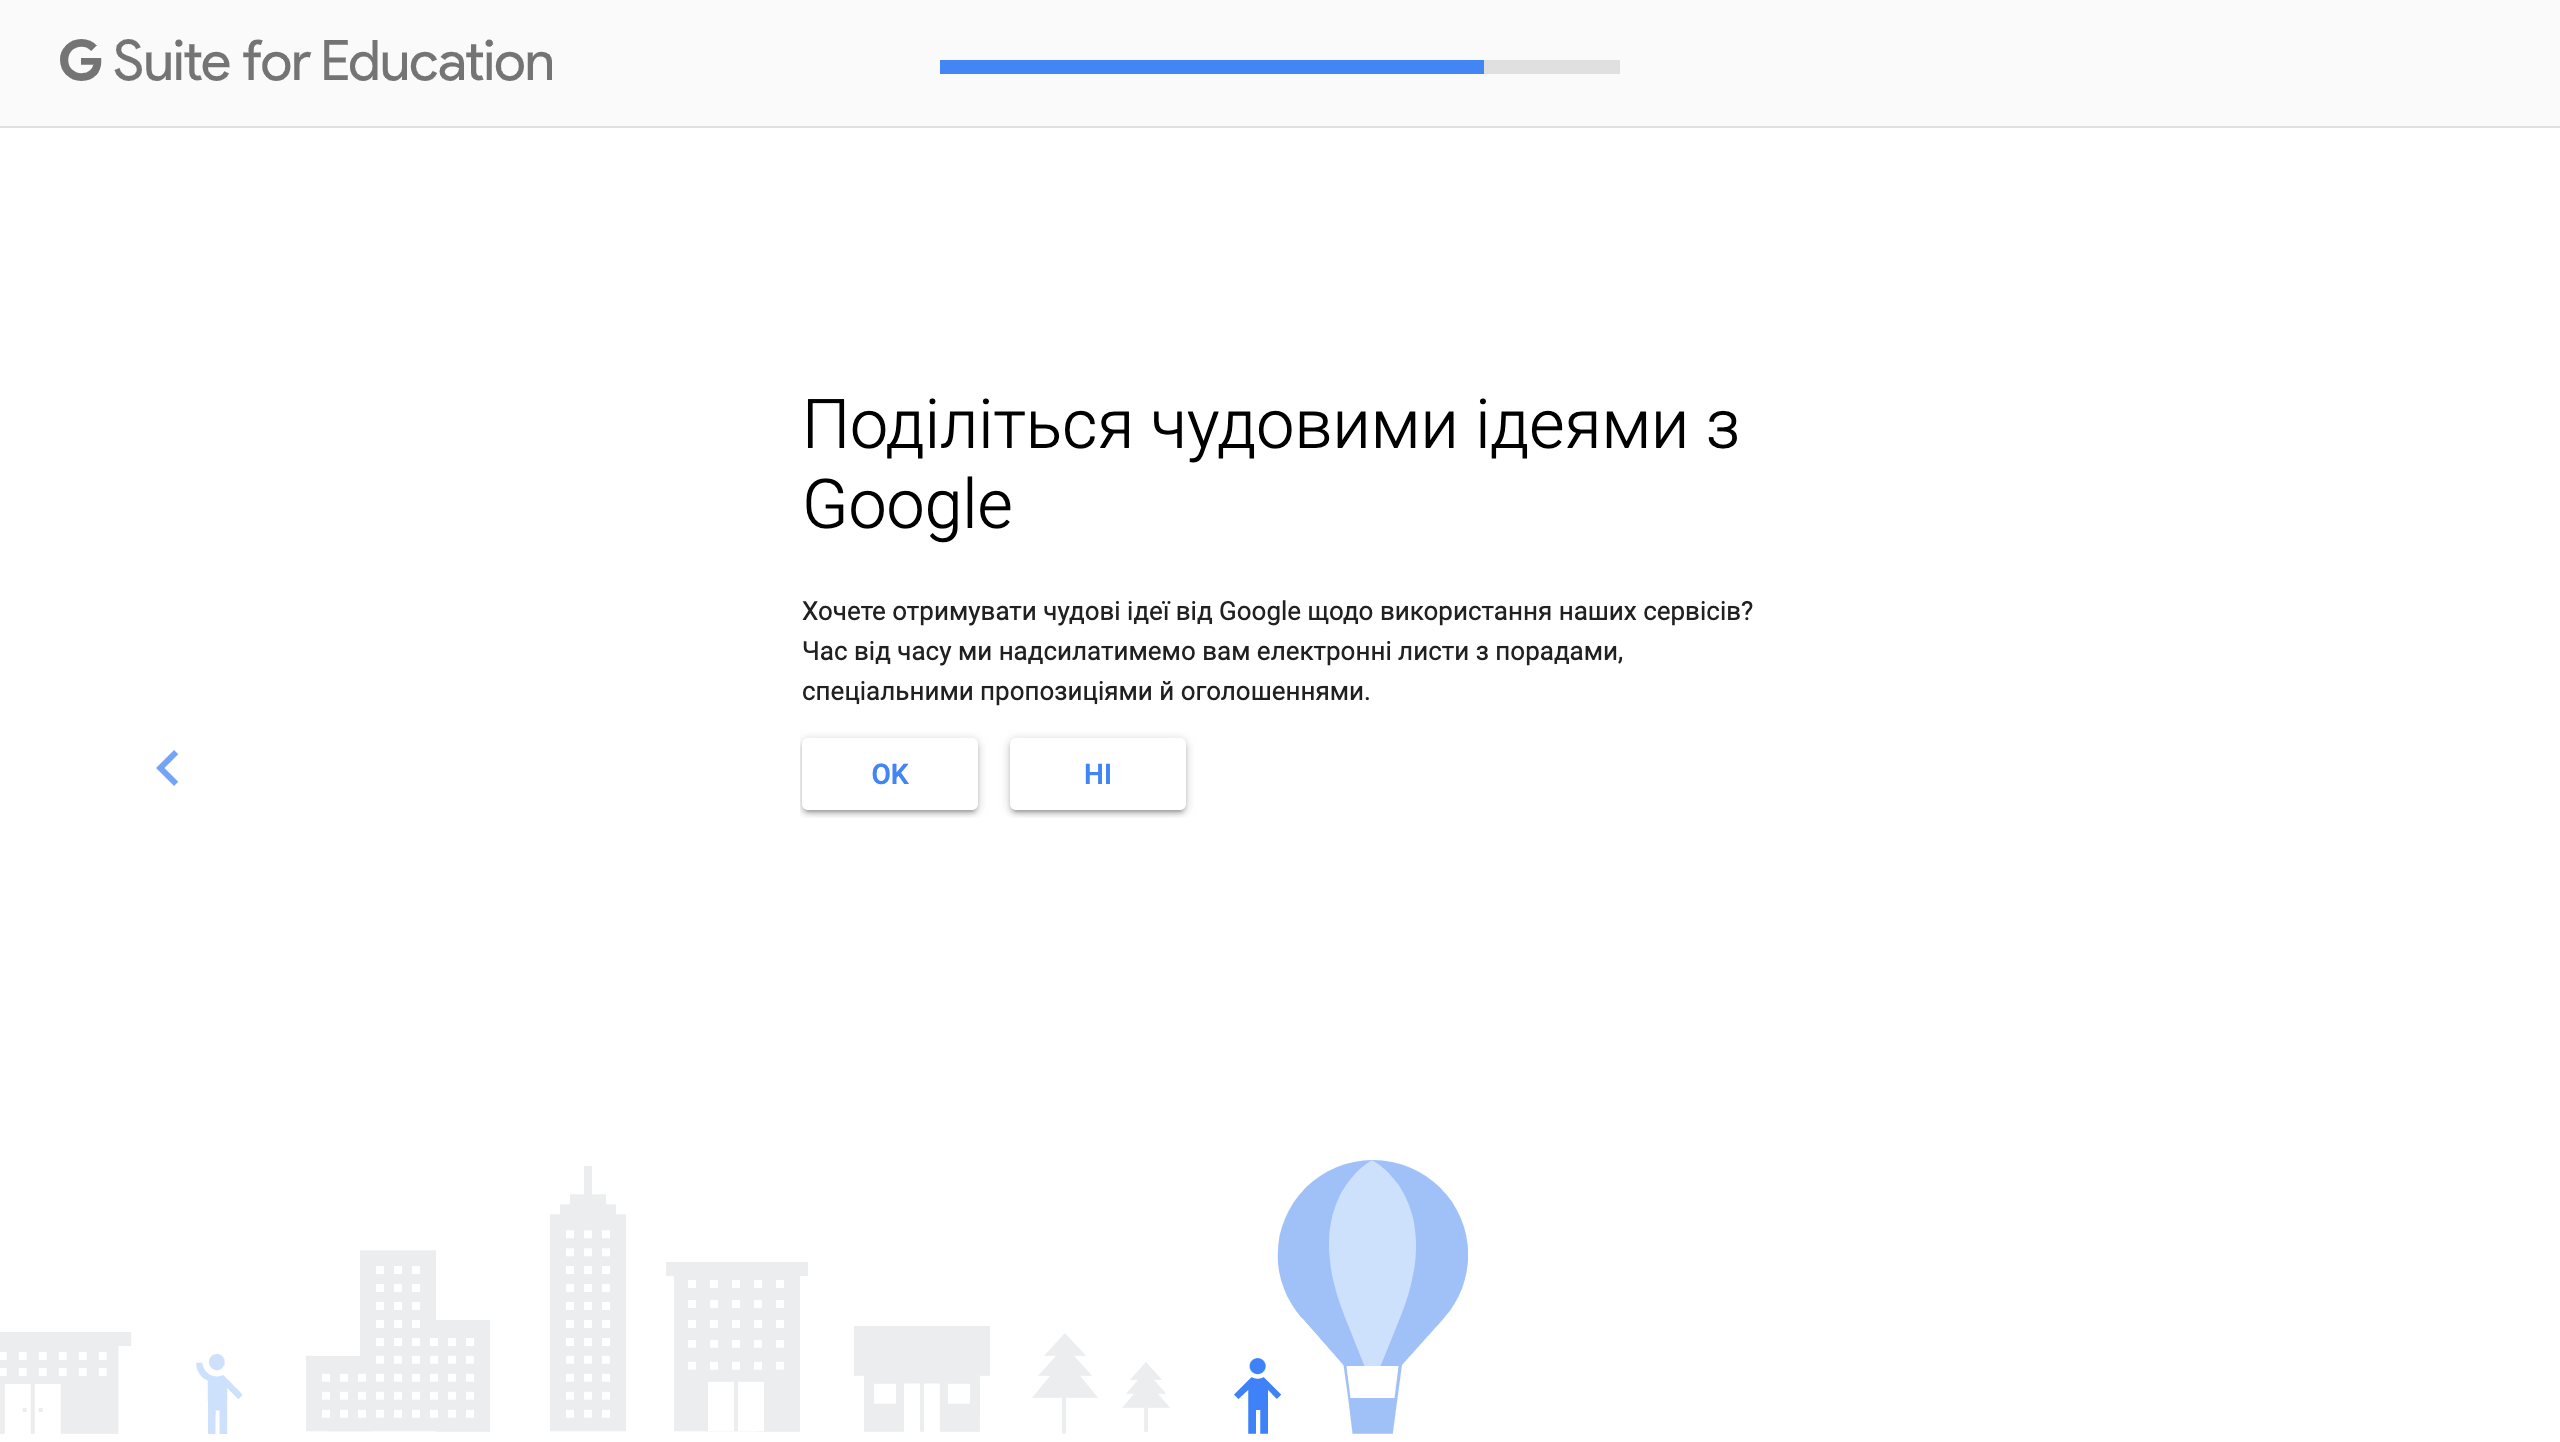 Крок 11: «Поділіться чудовими ідеями з Google»